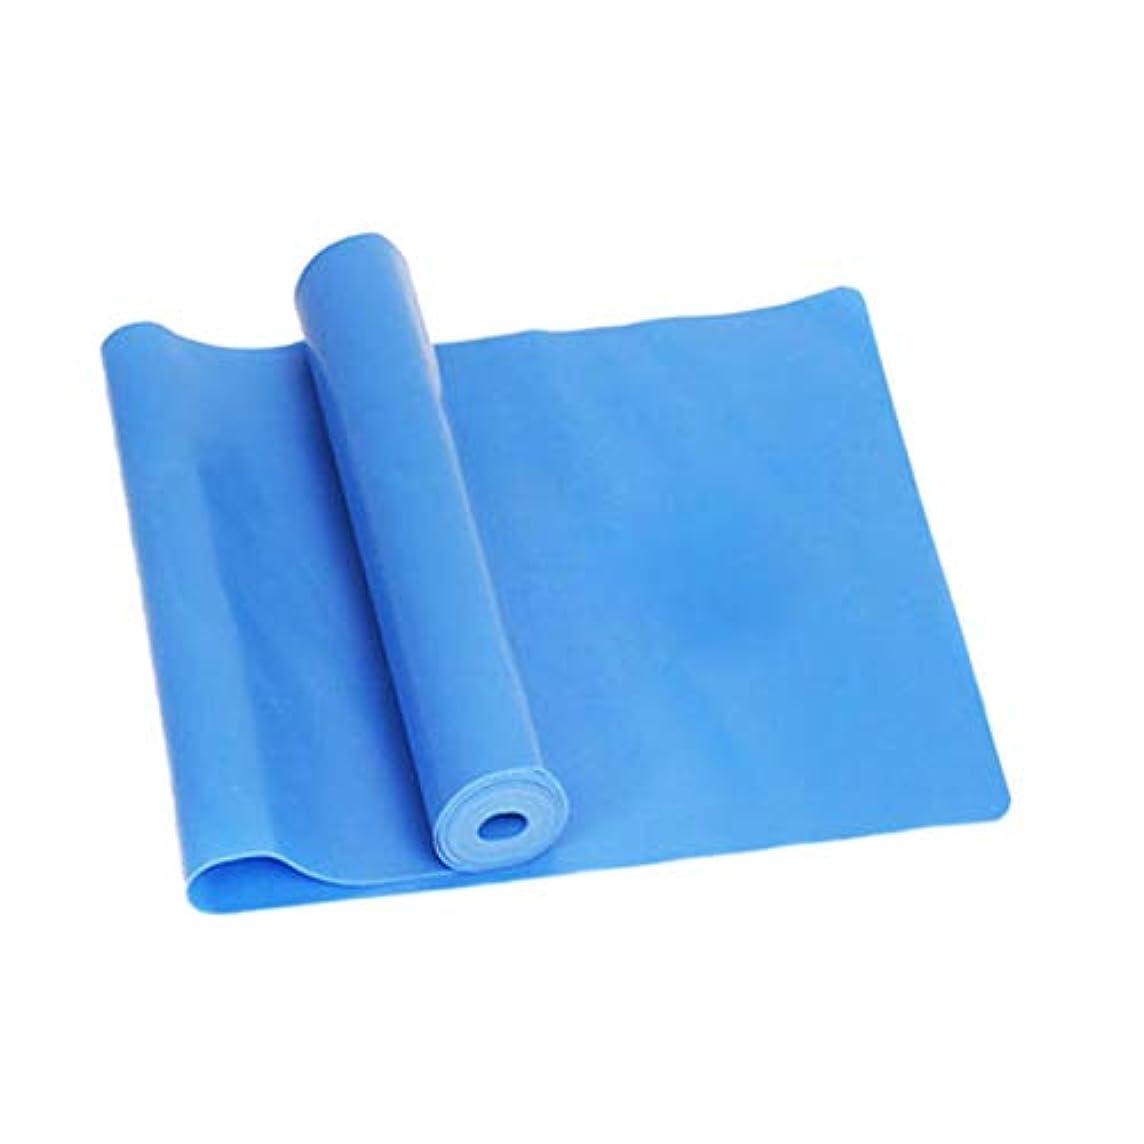 重なるアトラス独立してスポーツジムフィットネスヨガ用品筋力トレーニング弾性抵抗バンドトレーニングヨガゴムループスポーツピラテスバンド - ブルー